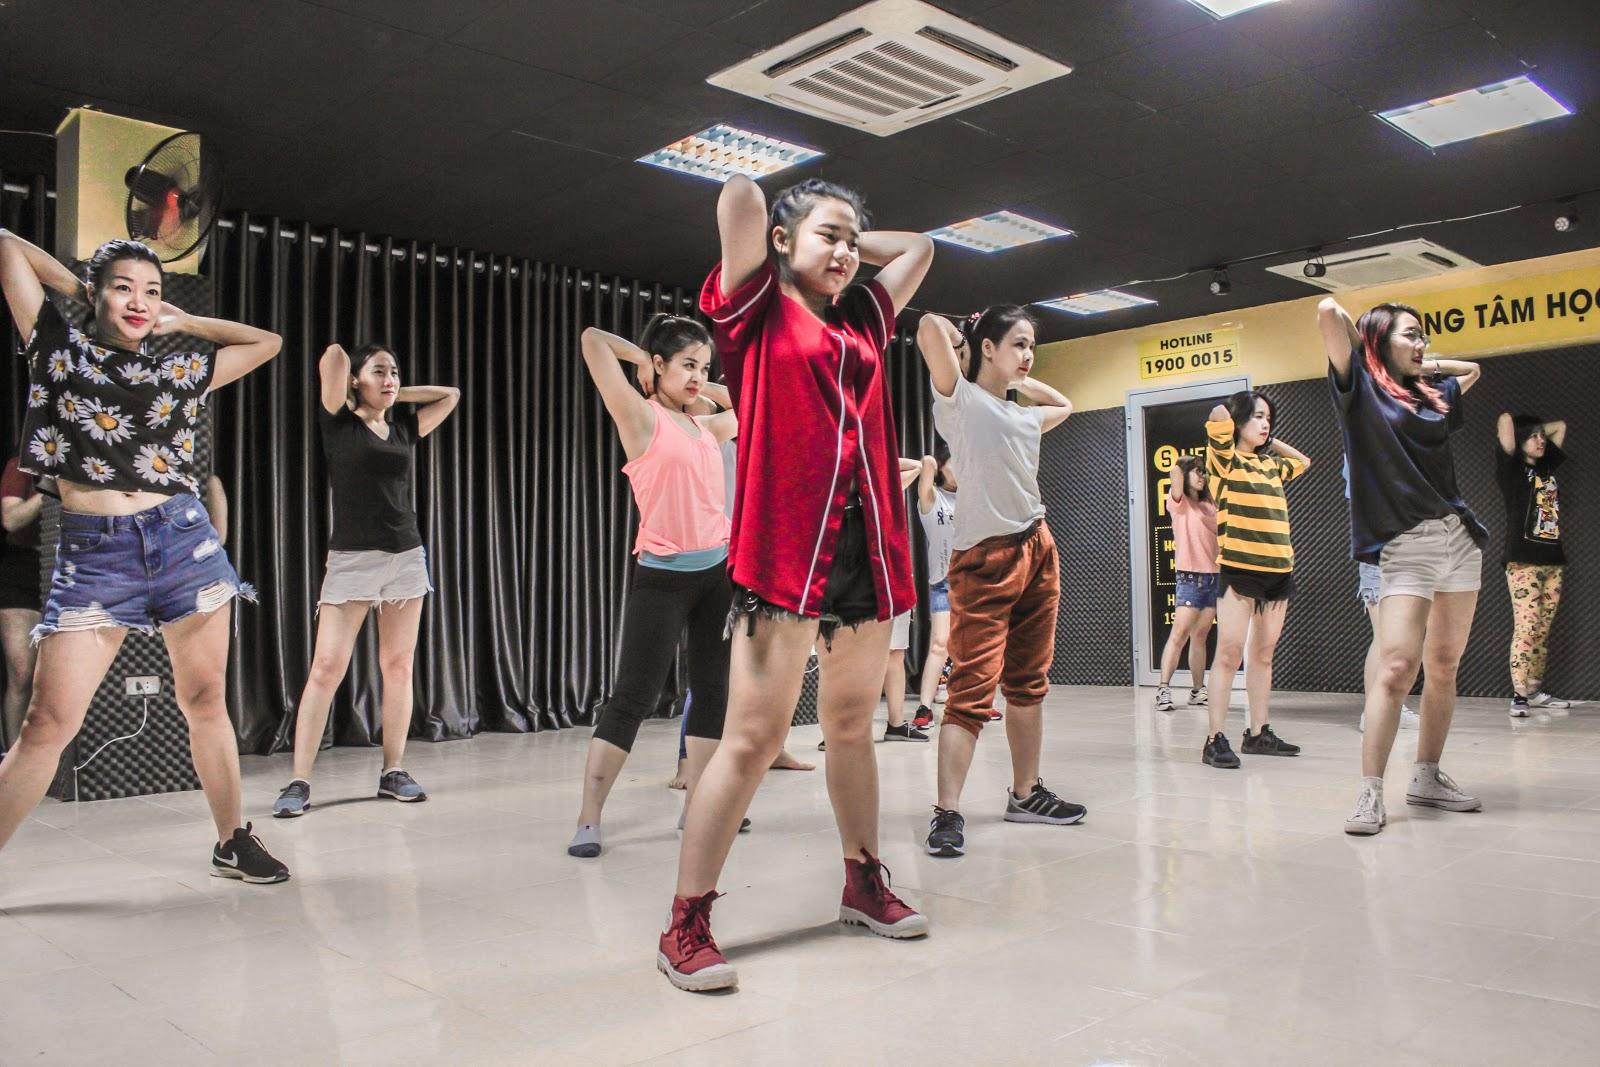 Sweet Art chinh phục nút bạc Youtube – Hành trình của một trung tâm học nhảy vô danh - Ảnh 1.